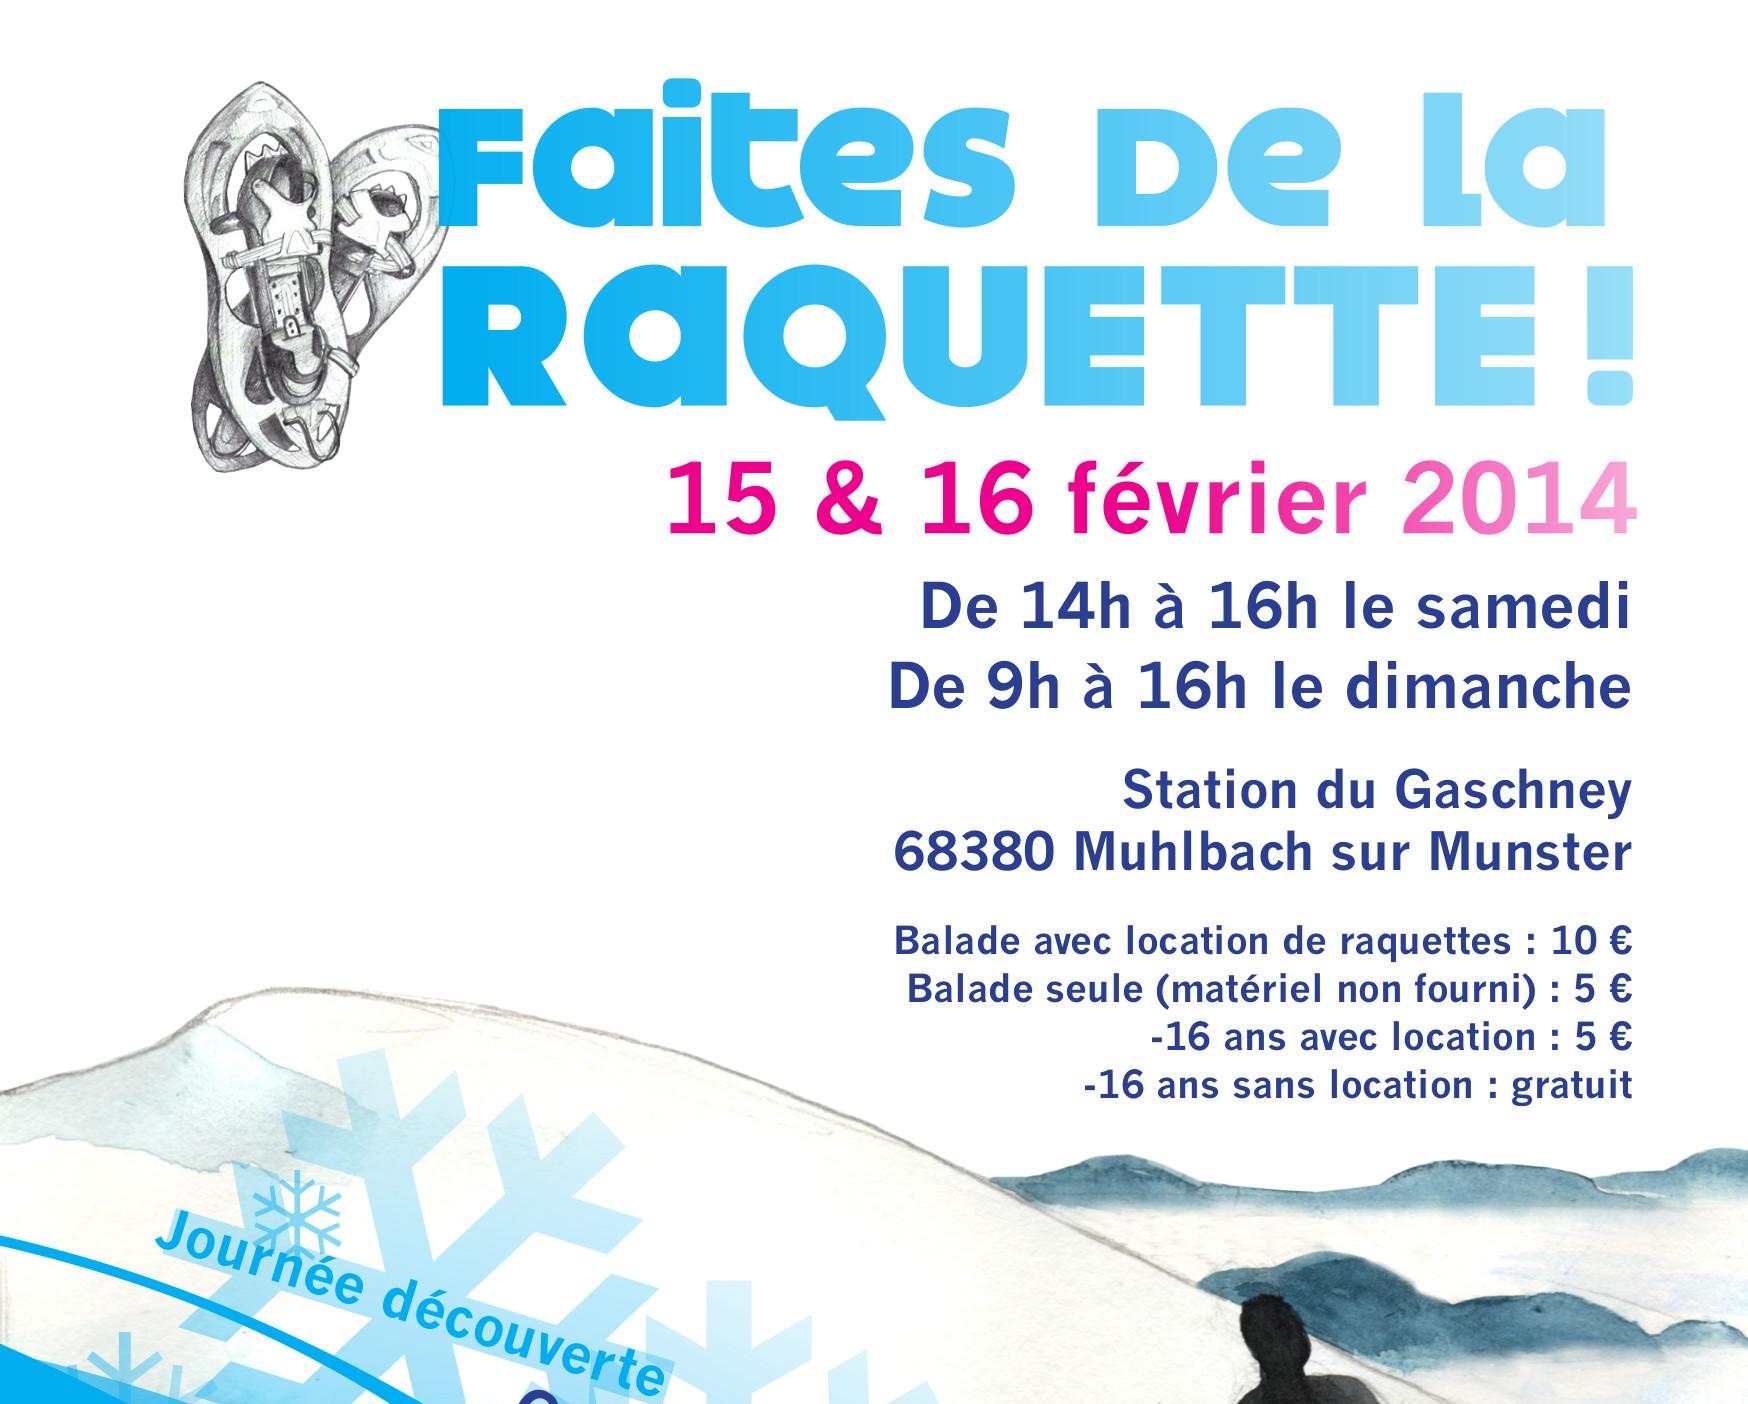 Raquettes_accueil.jpg